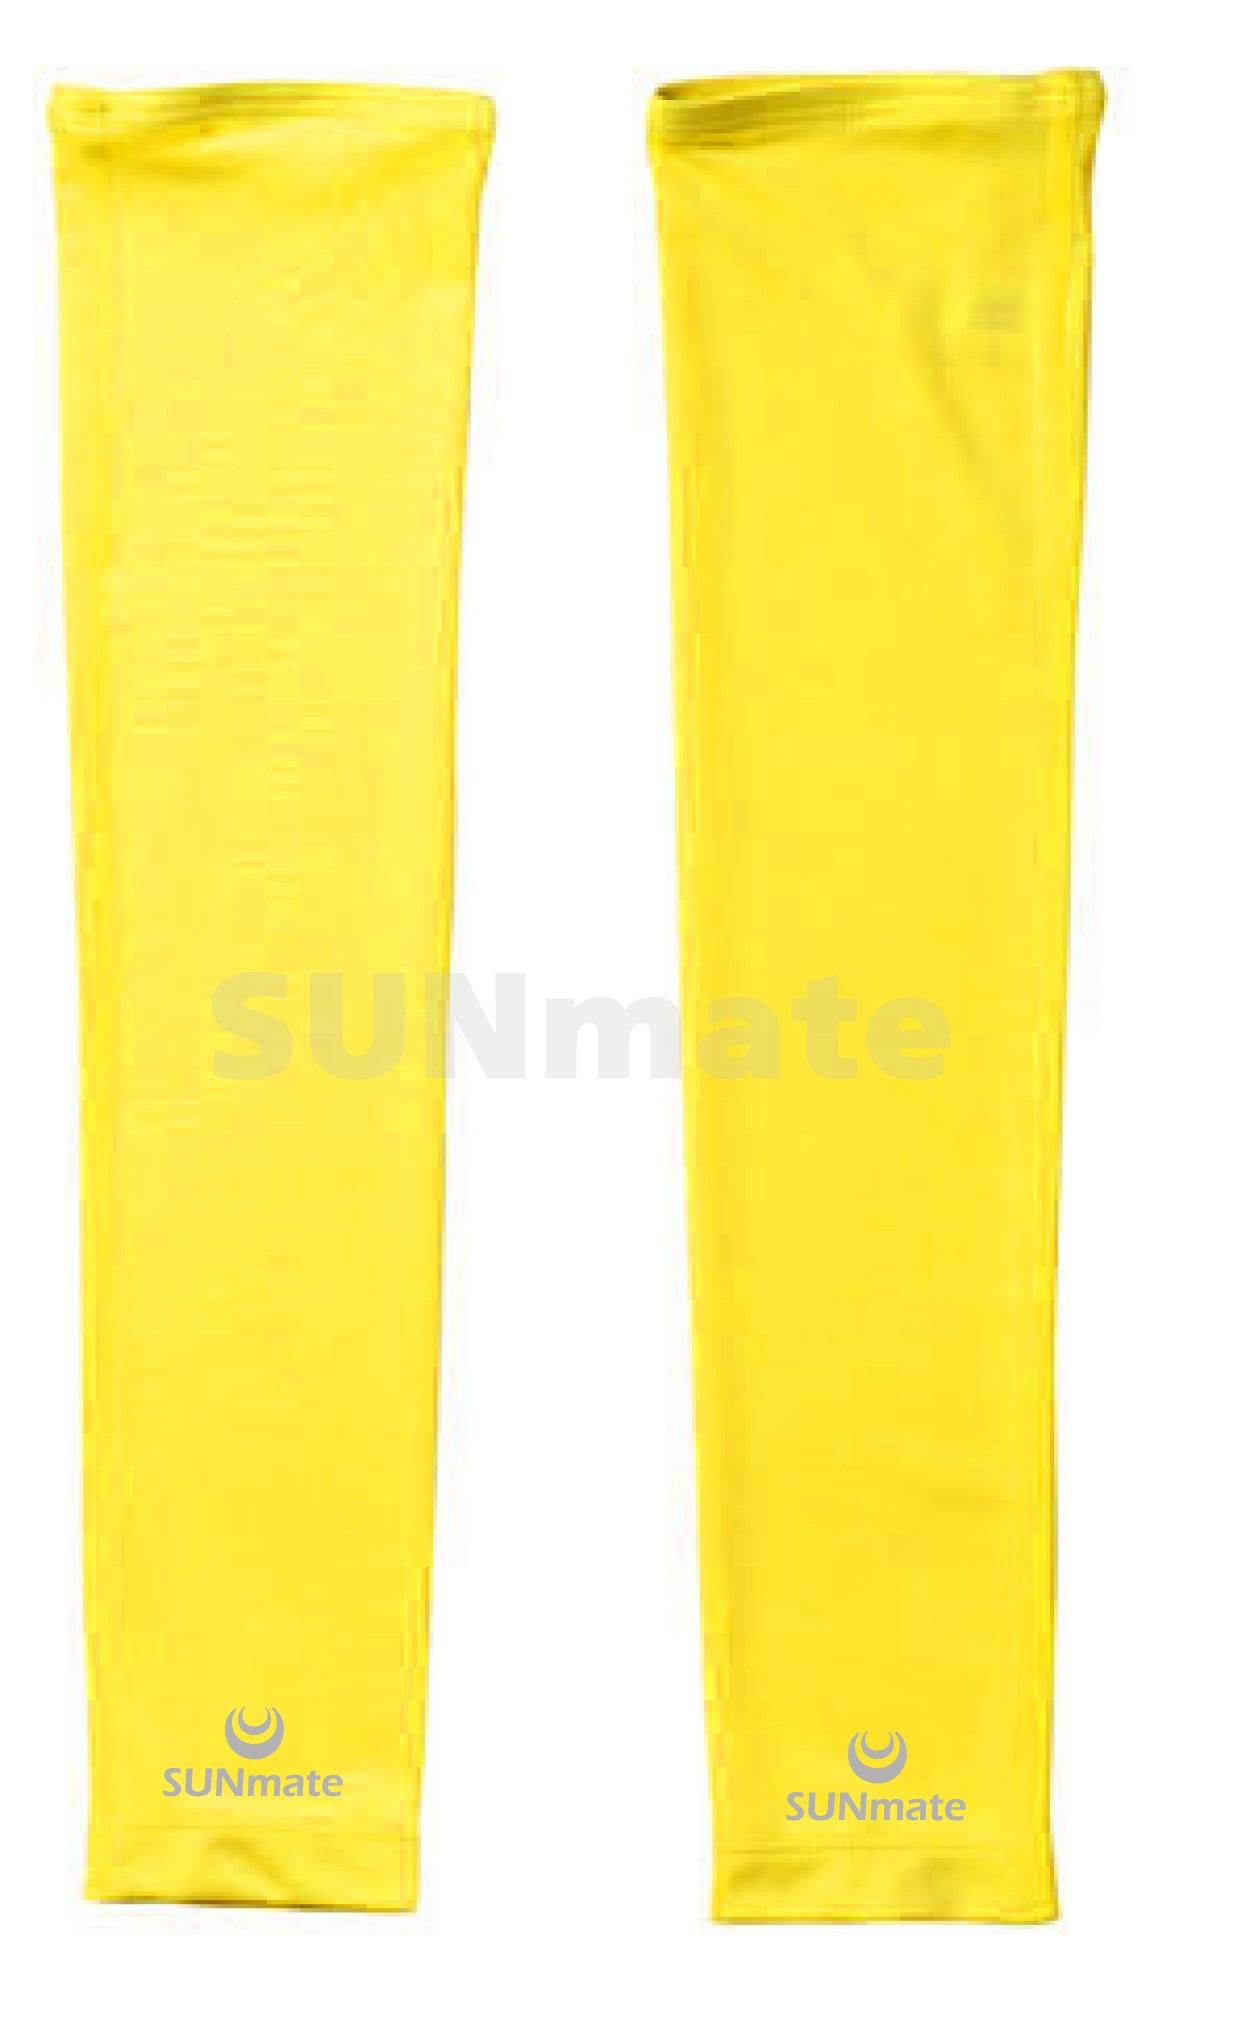 ปลอกแขนกันUV size XL : Yellow moon